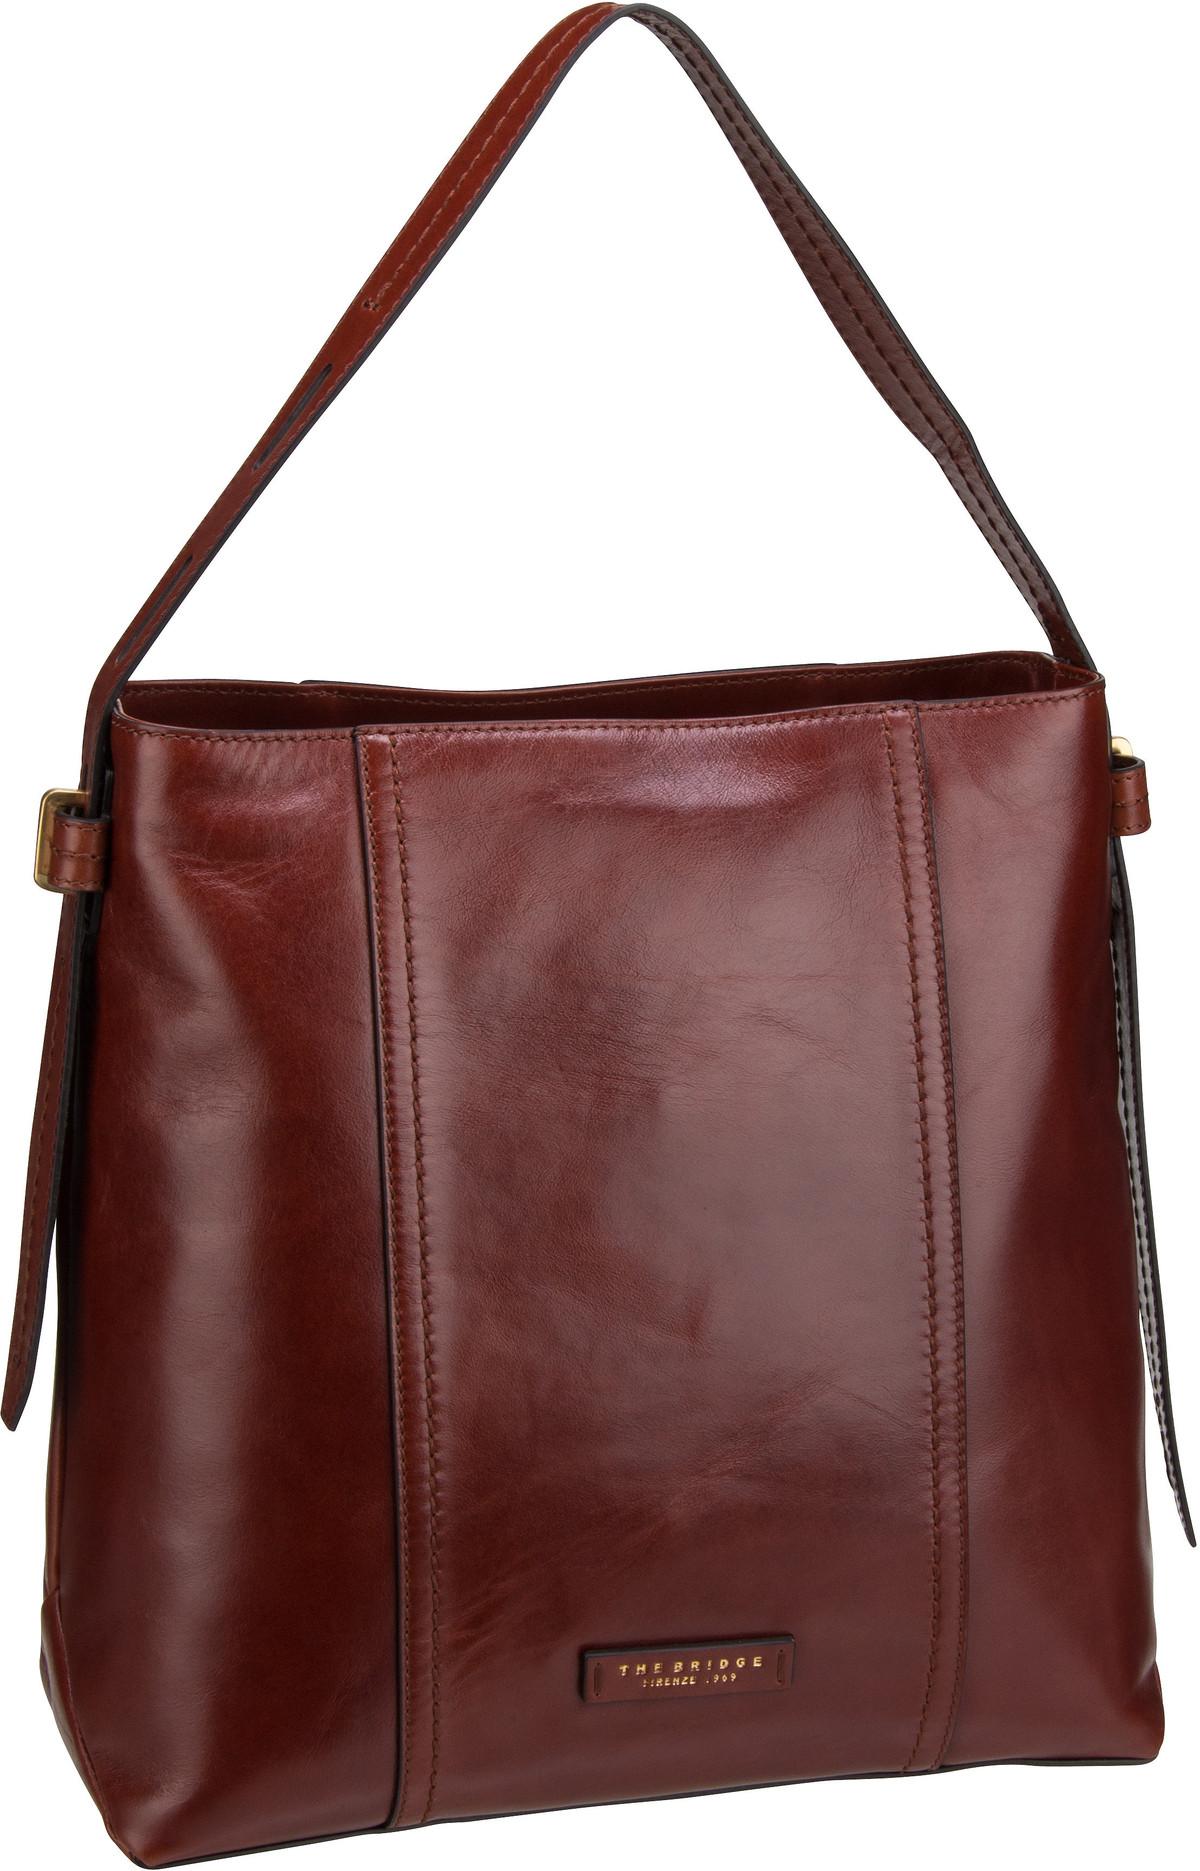 Handtasche Vigna Nuova Beuteltasche 5849 Marrone